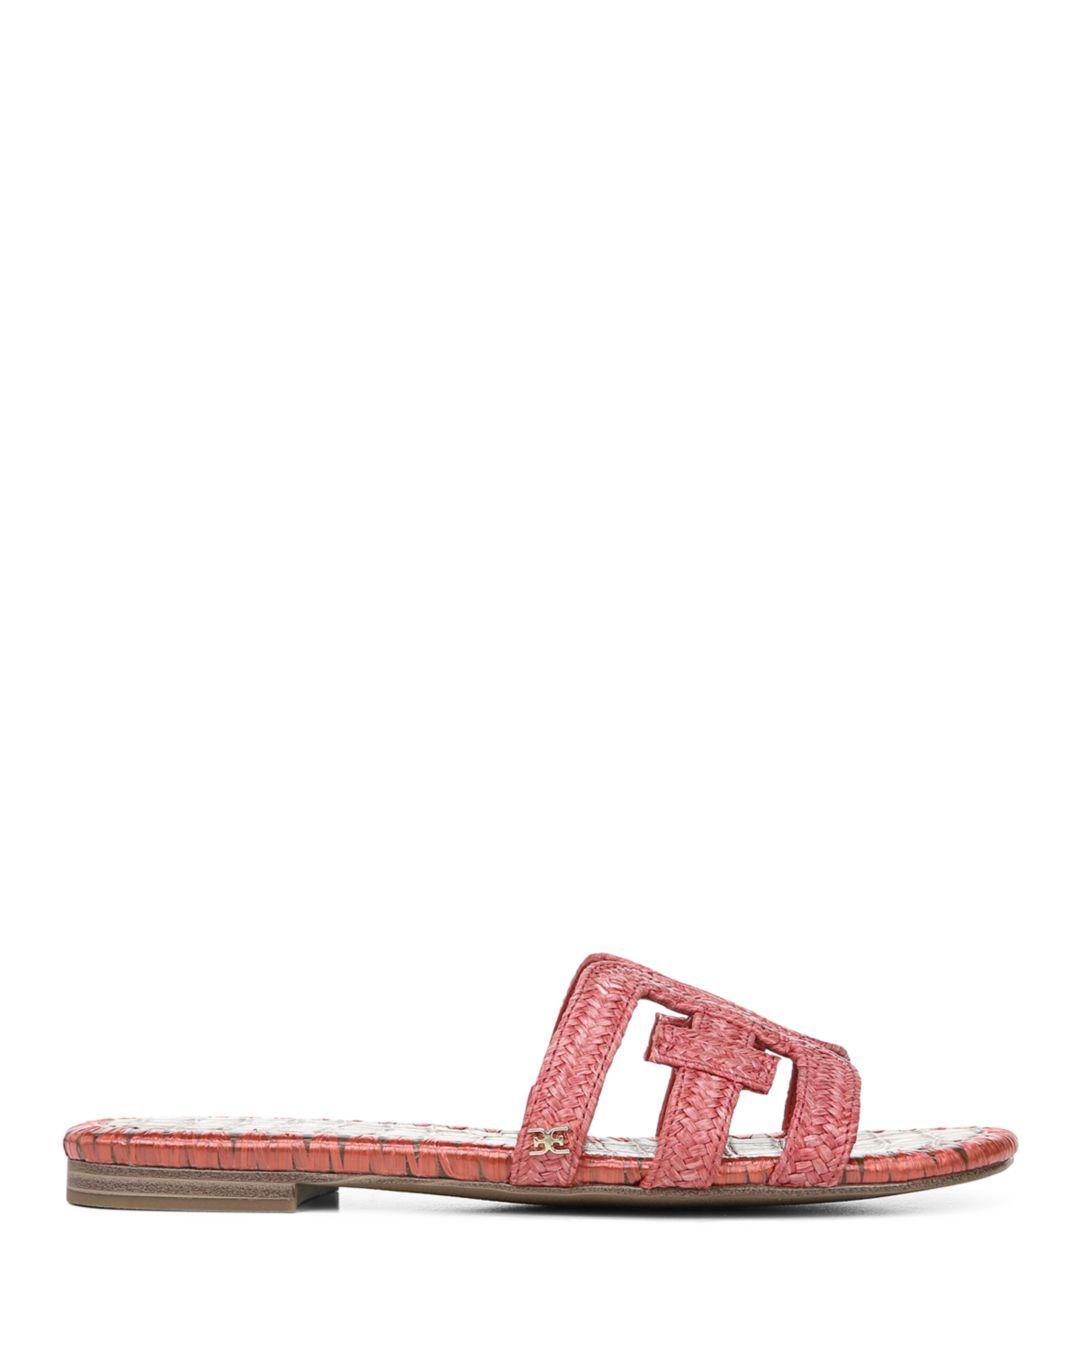 05a9a602a Sam Edelman Women s Beckie Woven Slide Sandals - Lyst